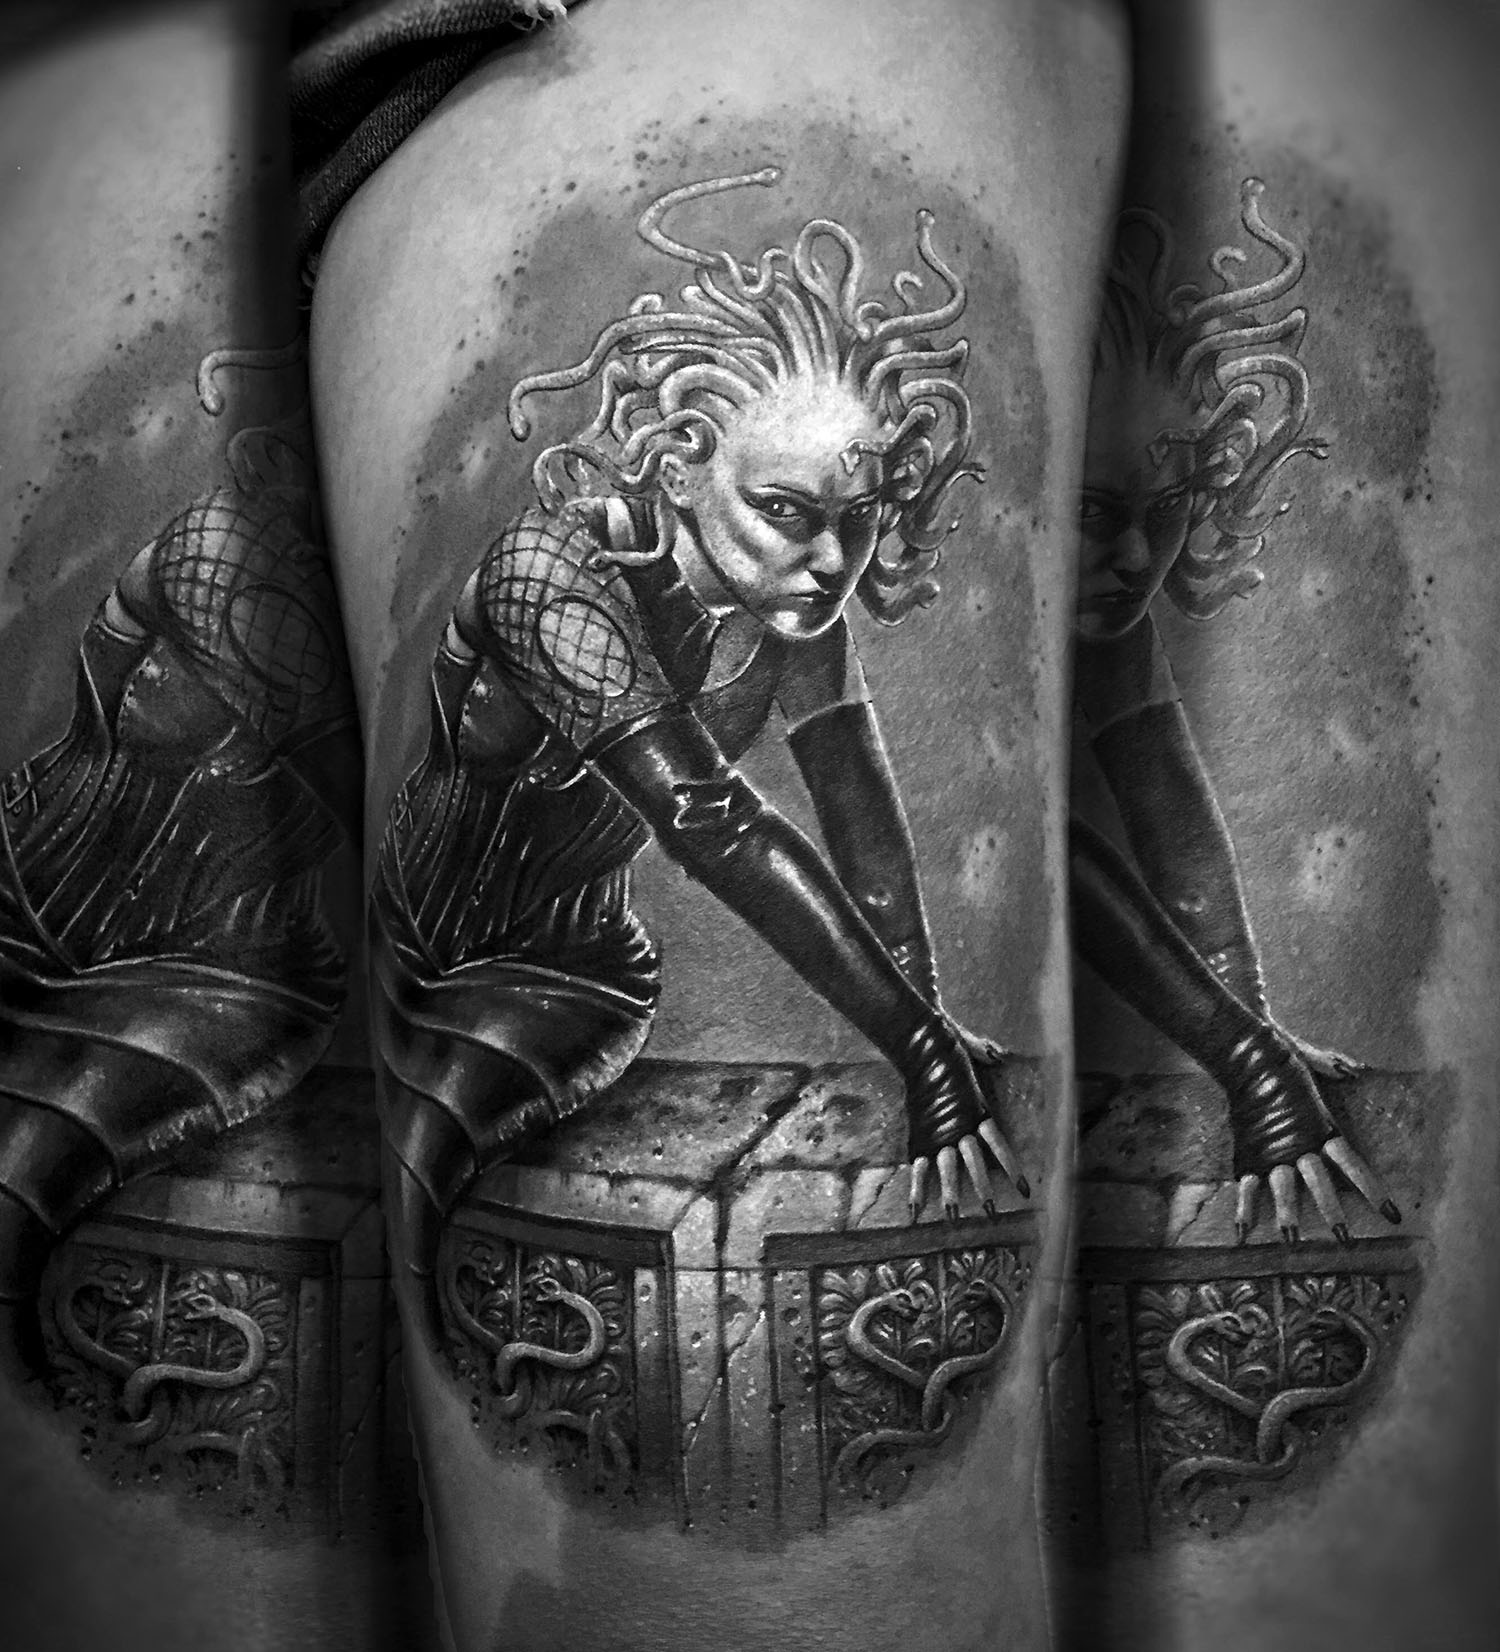 Surreal tattooed figure